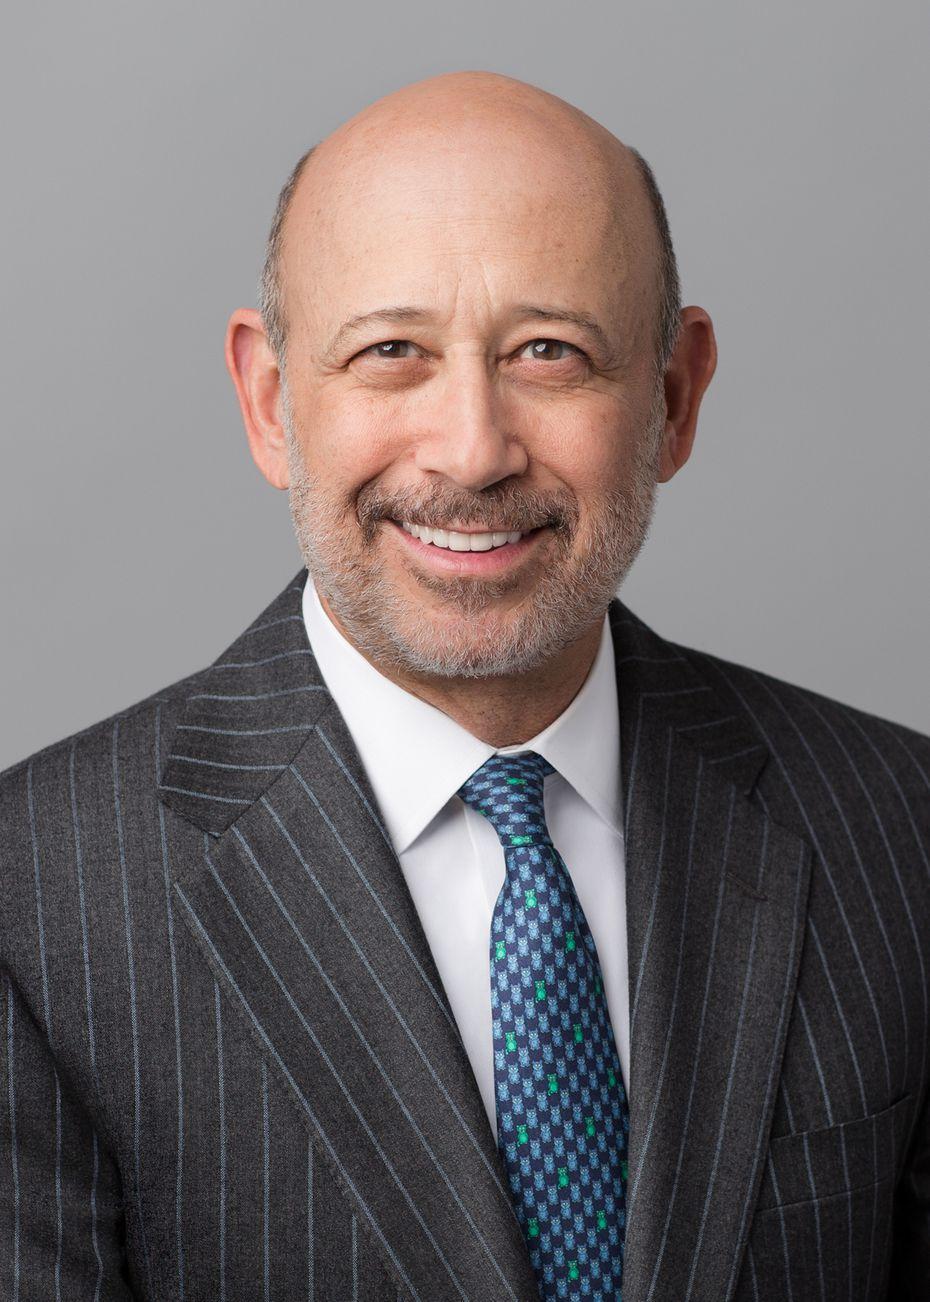 Goldman Sachs CEO Lloyd Blankfein.